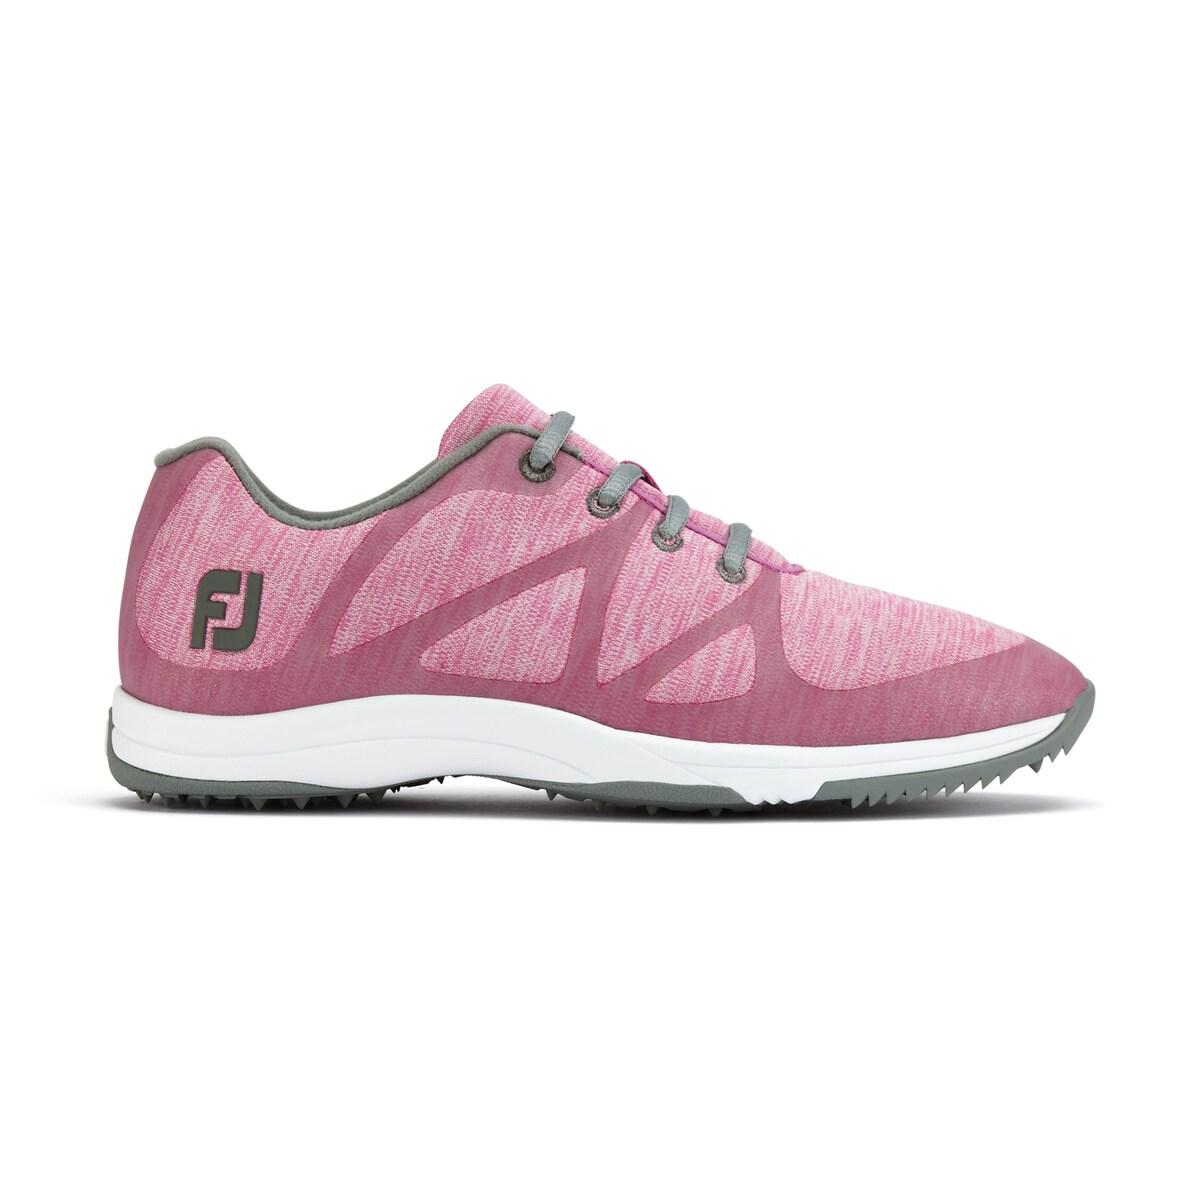 FootJoy Leisure Ladies Golf Shoes Wide